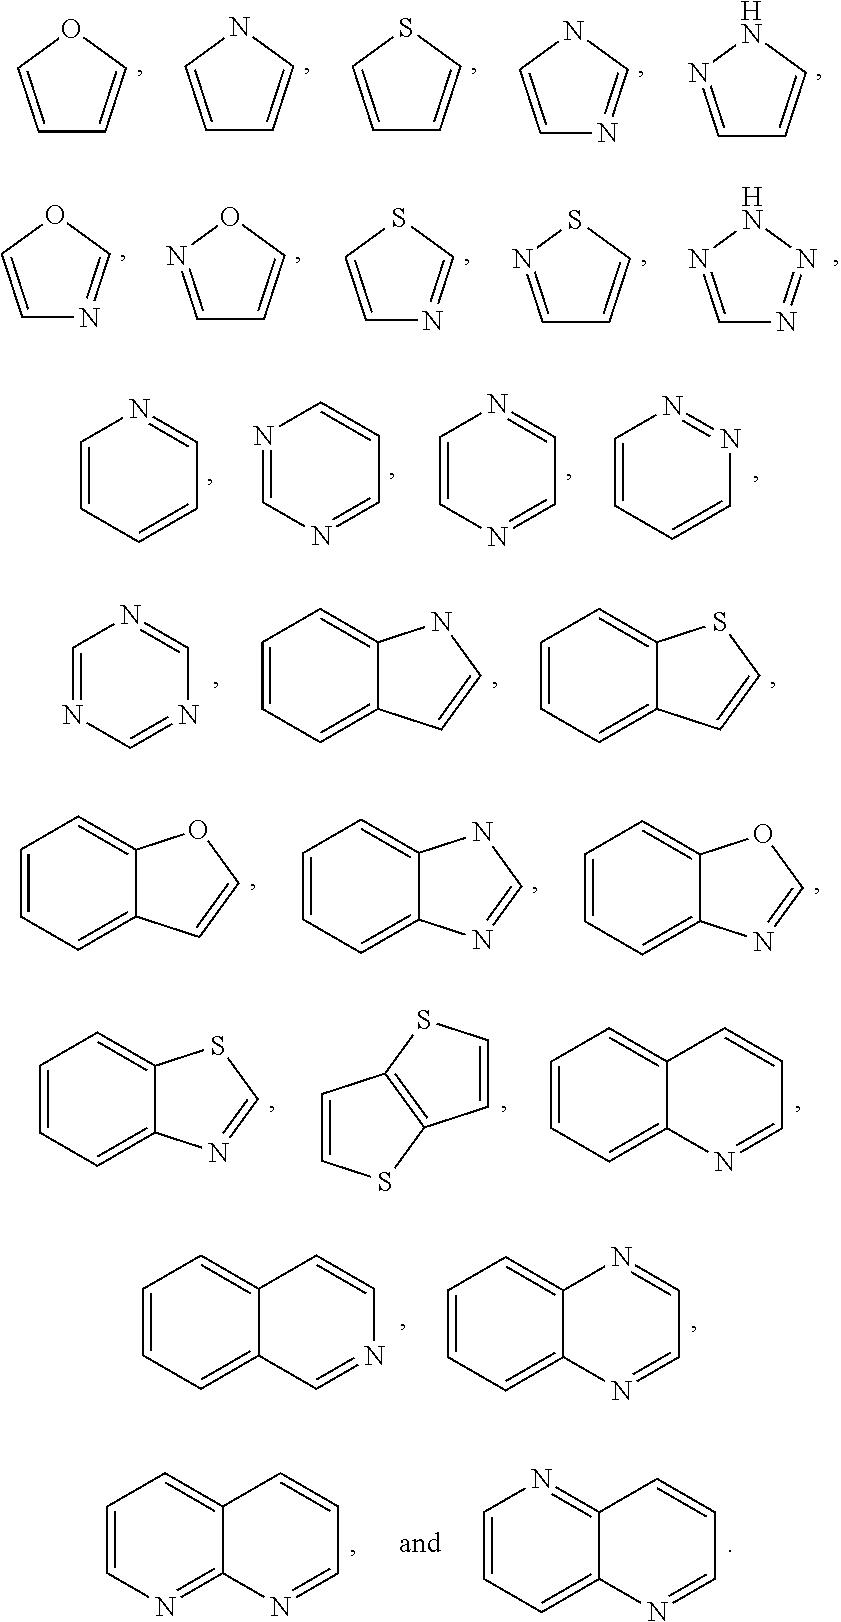 Figure US08877769-20141104-C00006